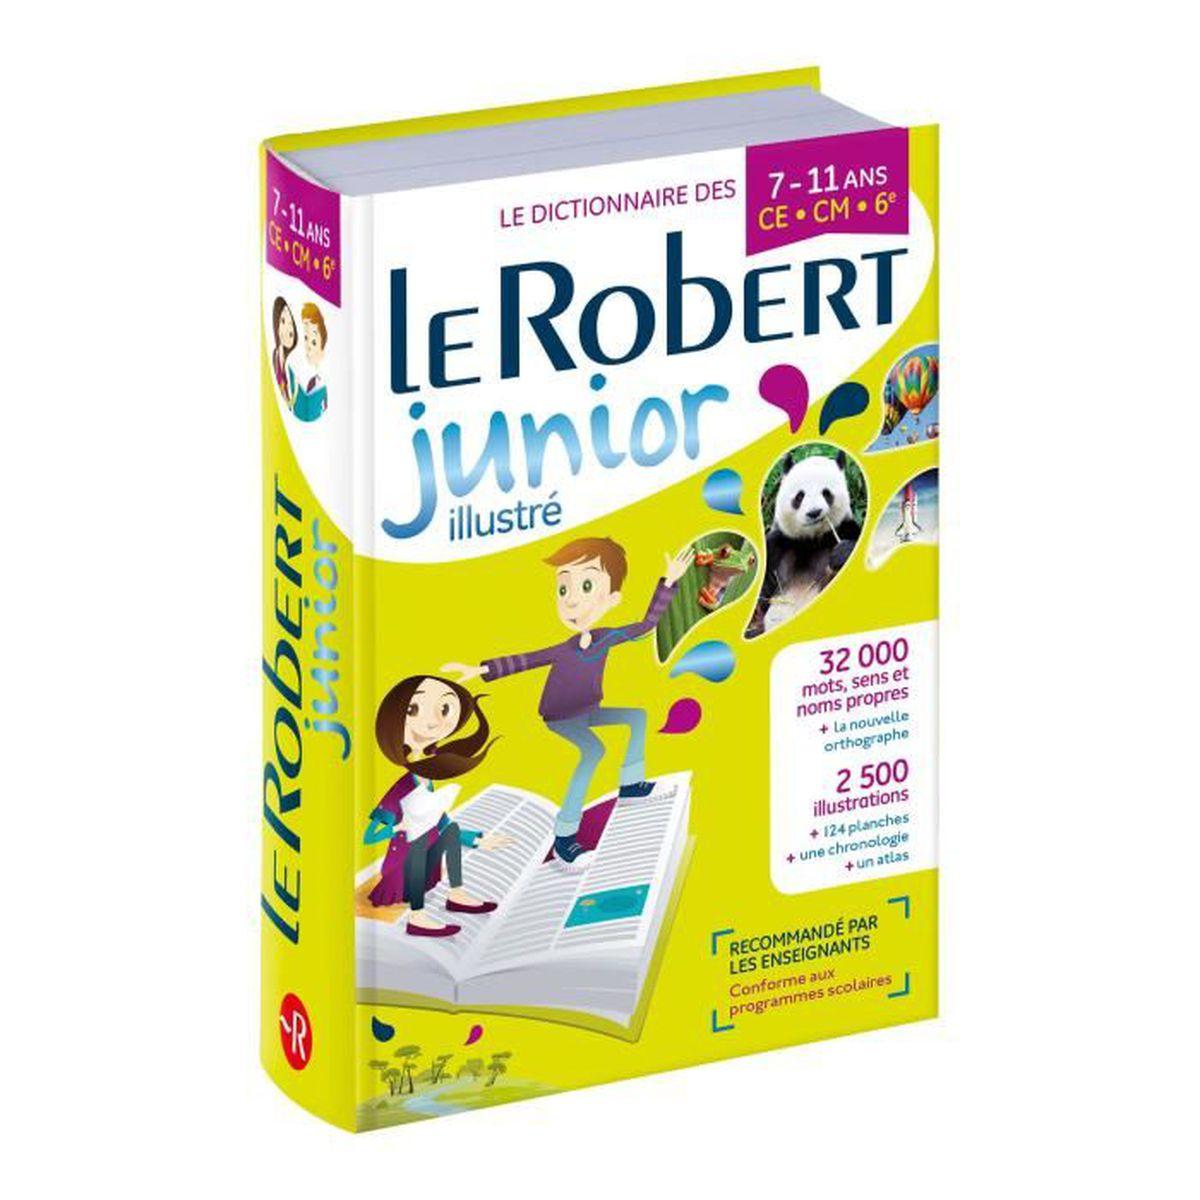 LIVRE D'ÉVEIL Dictionnaire Le Robert Junior illustre